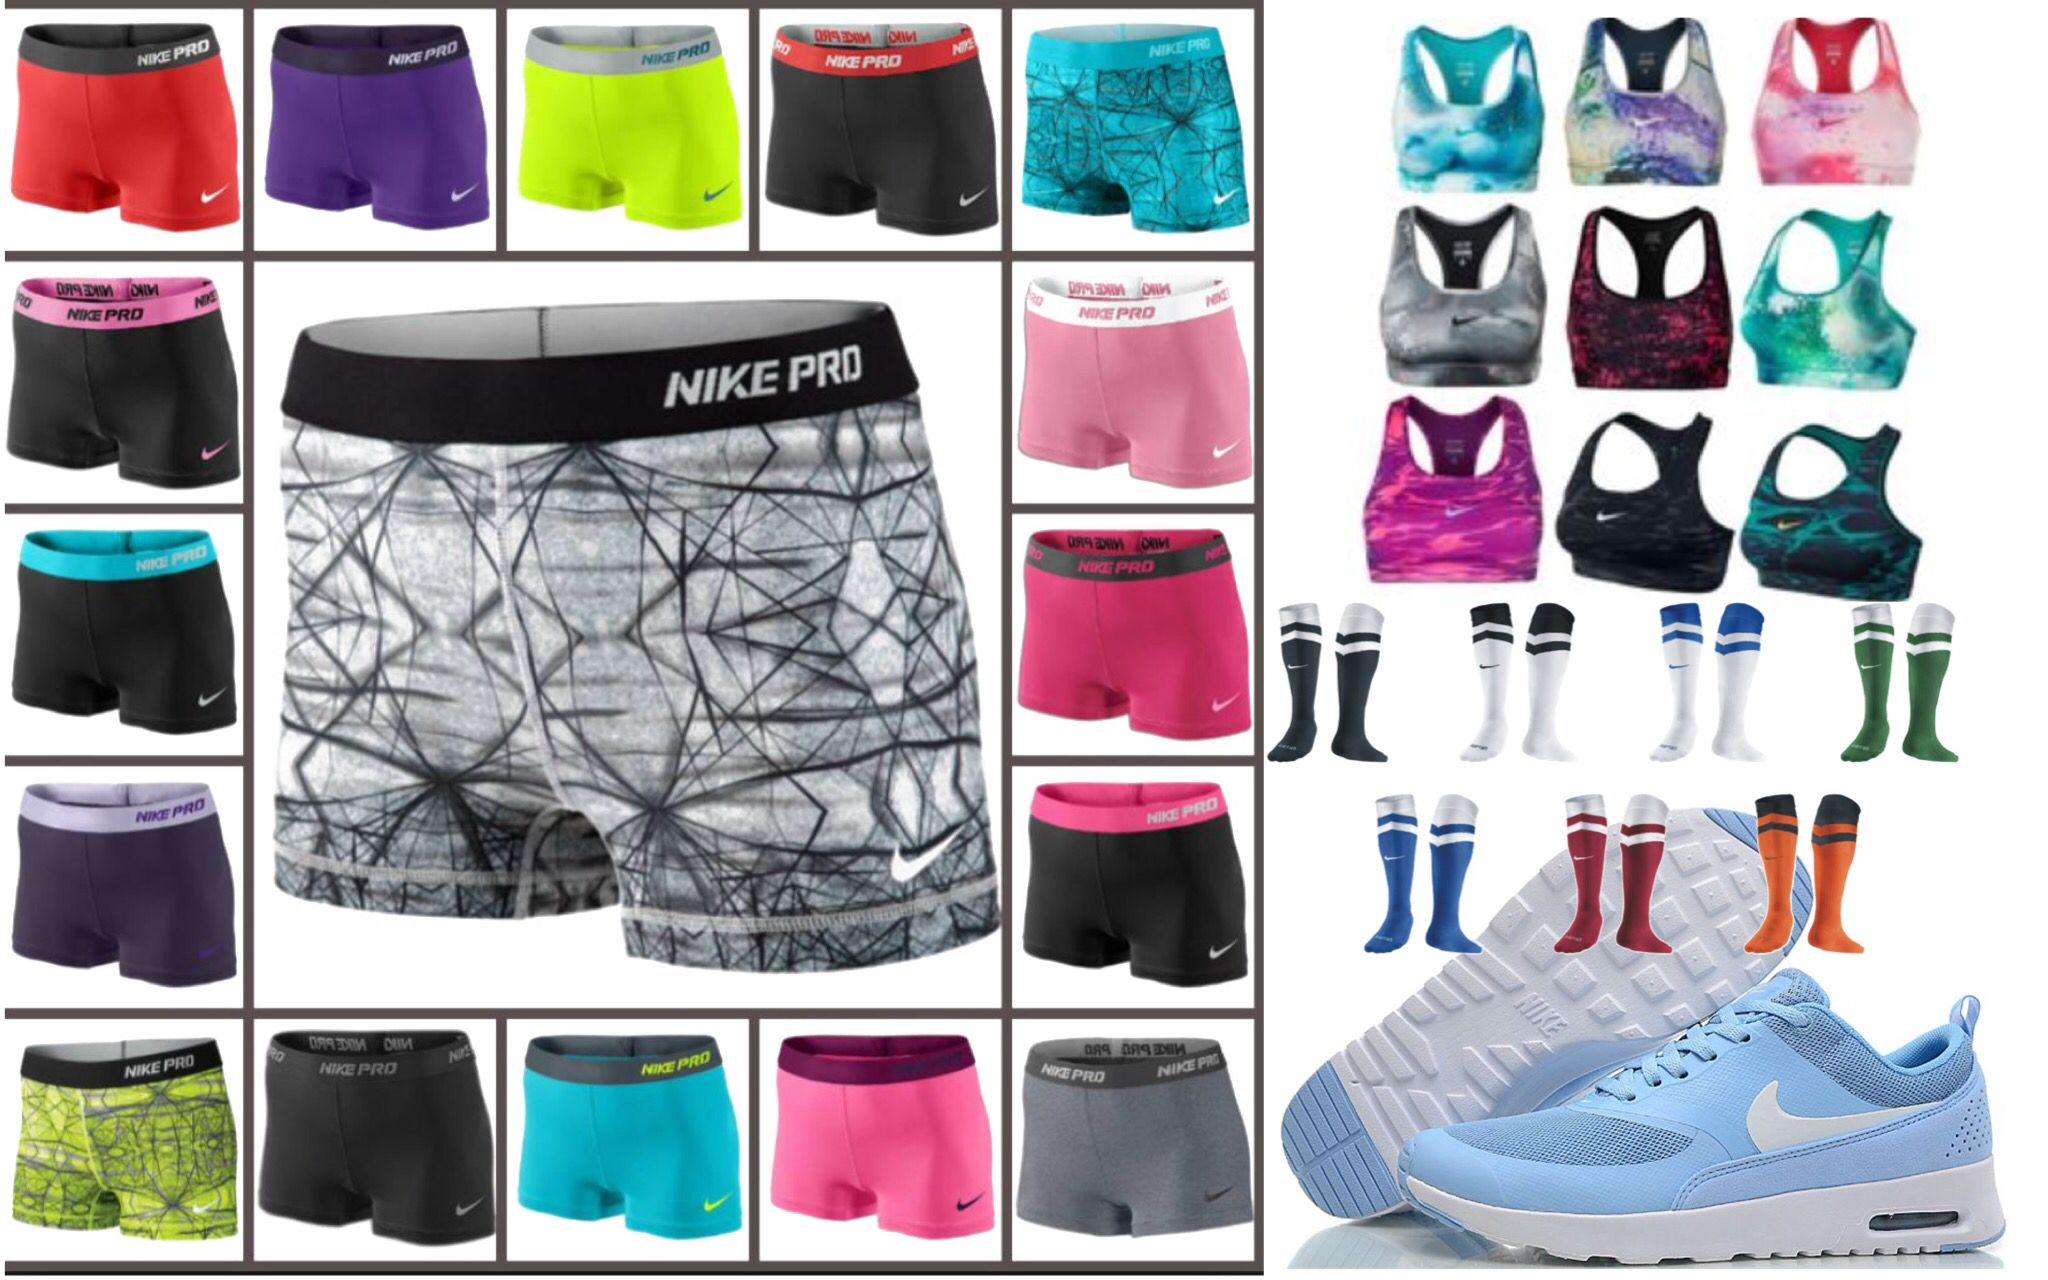 Nike training clothes #nike #training